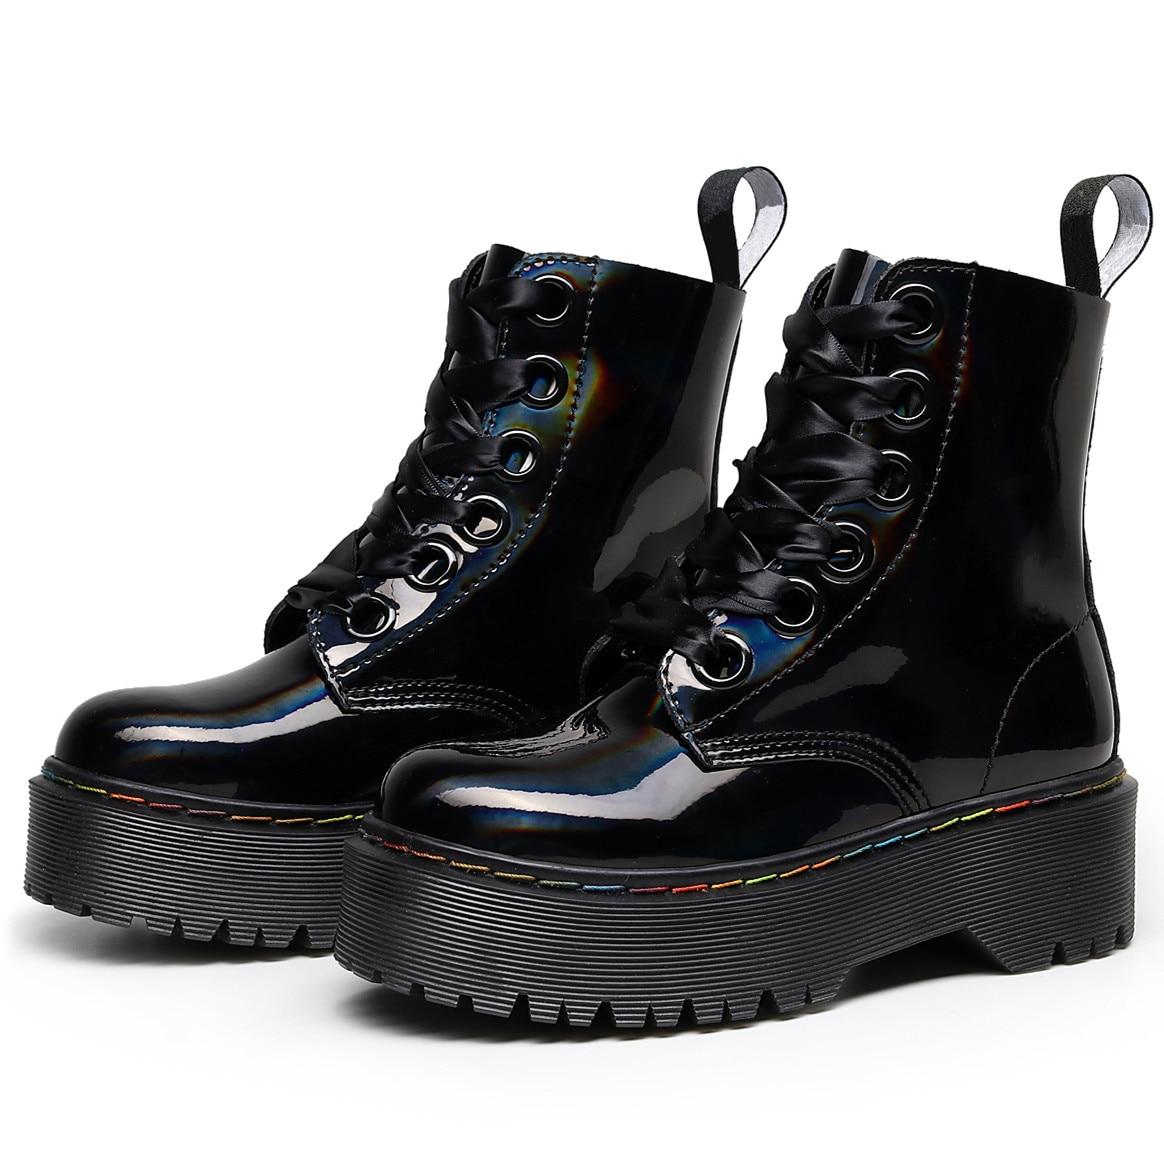 النساء حذاء من الجلد 2021 الشتاء أحذية السيدات الكعوب أحذية منصة الثلوج الإناث مكتنزة مشرق الجلود كعب مسطح الجوارب بوتاس موهير